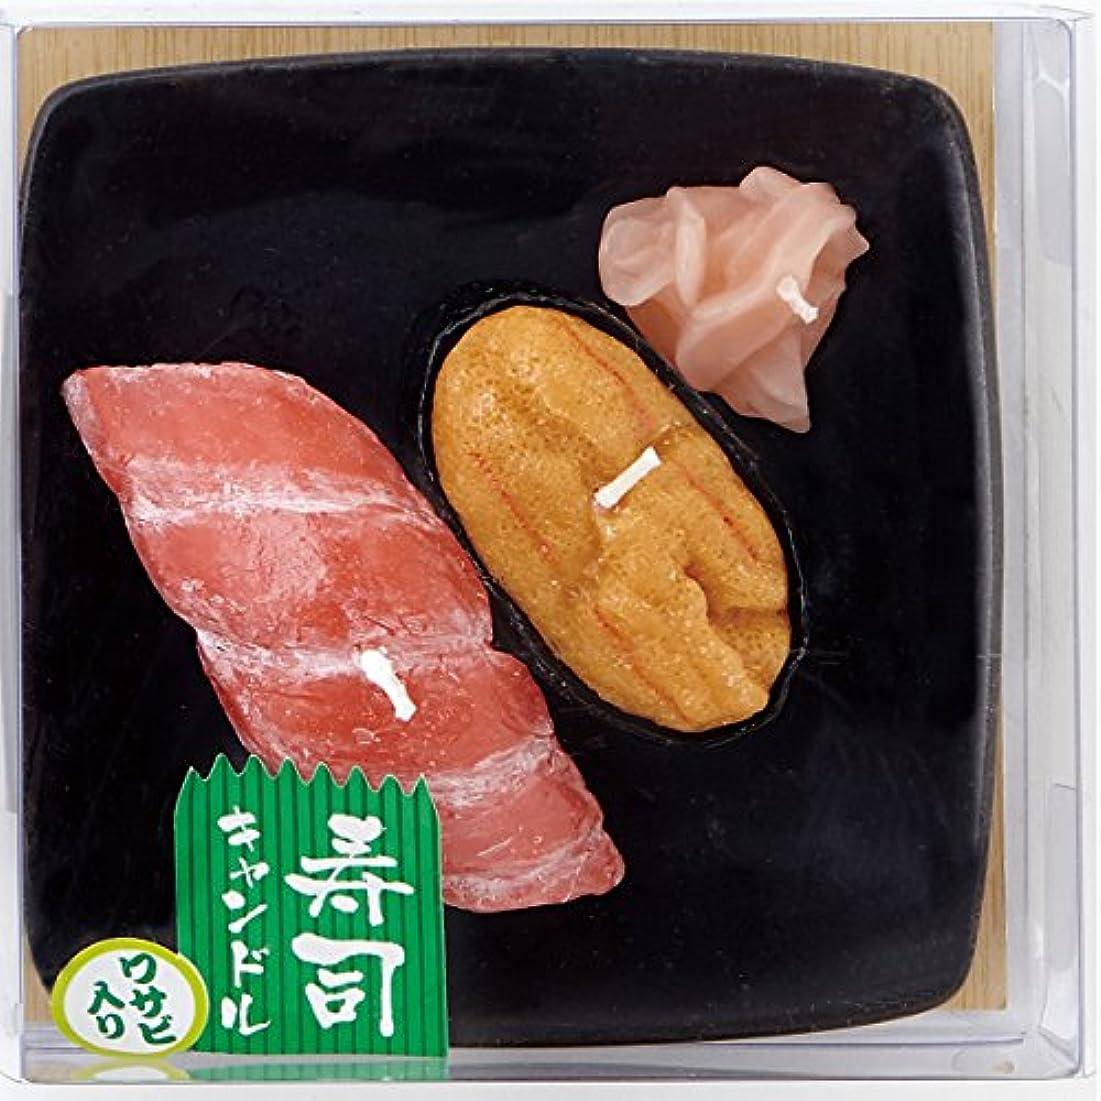 危険にさらされている組み立てる食べる寿司キャンドル C(ウニ?大トロ) サビ入